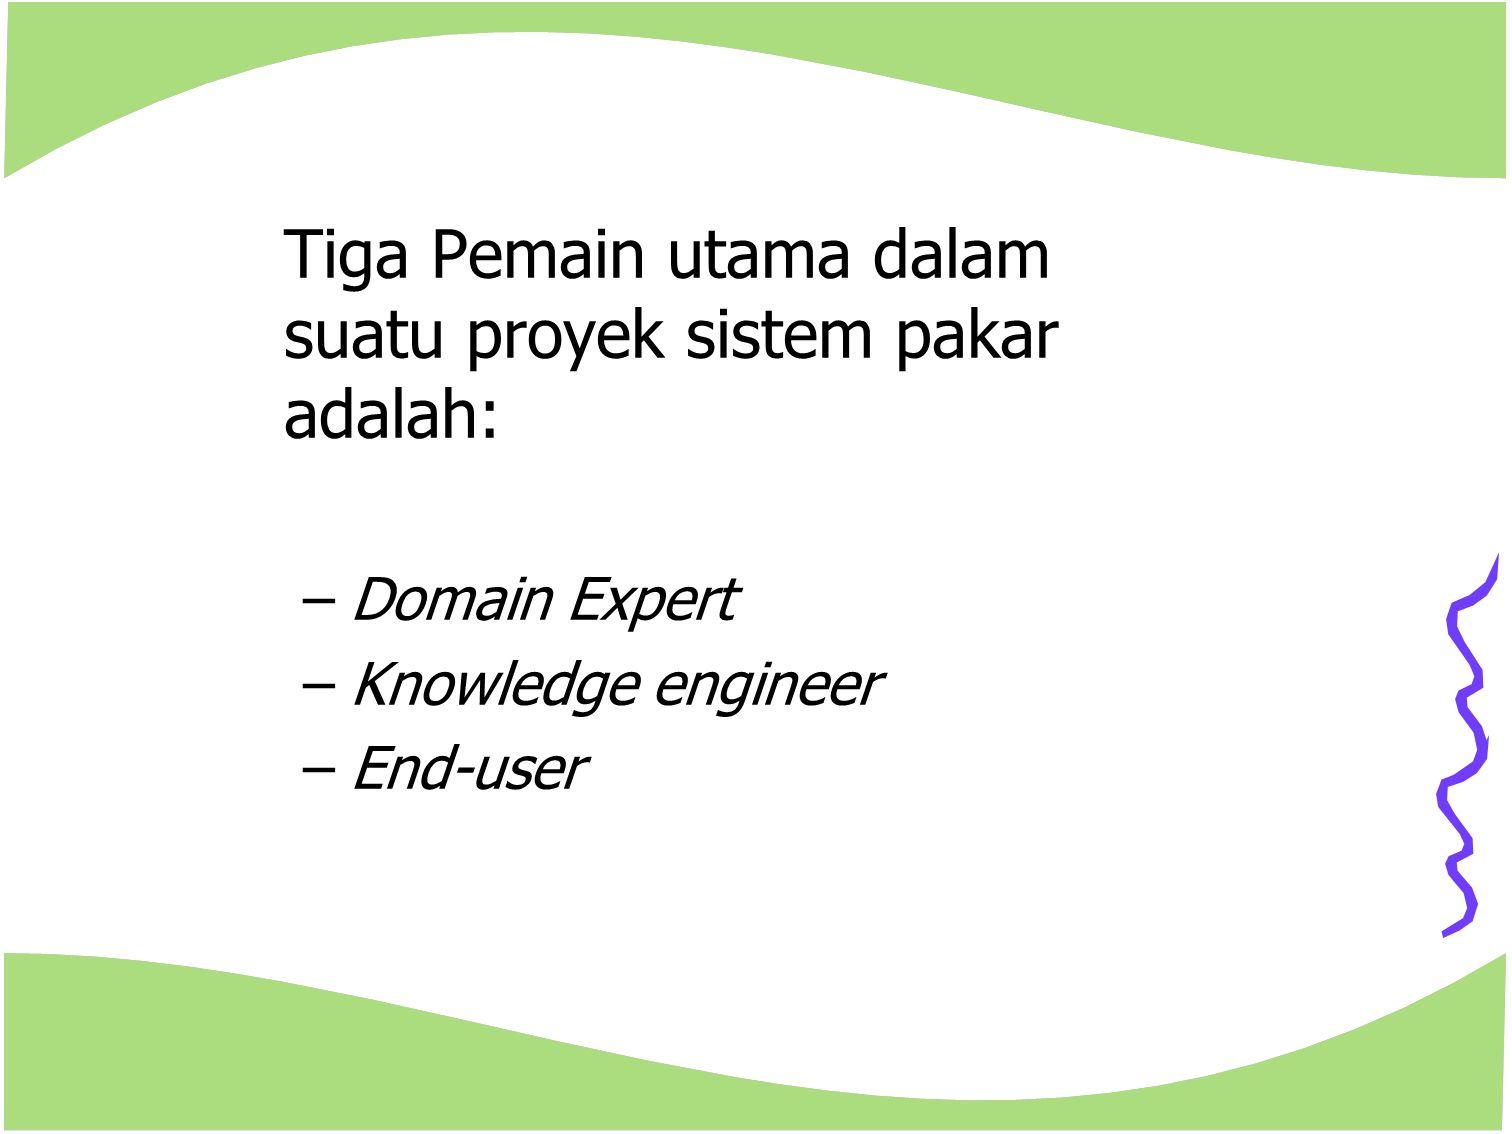 Tiga Pemain utama dalam suatu proyek sistem pakar adalah: